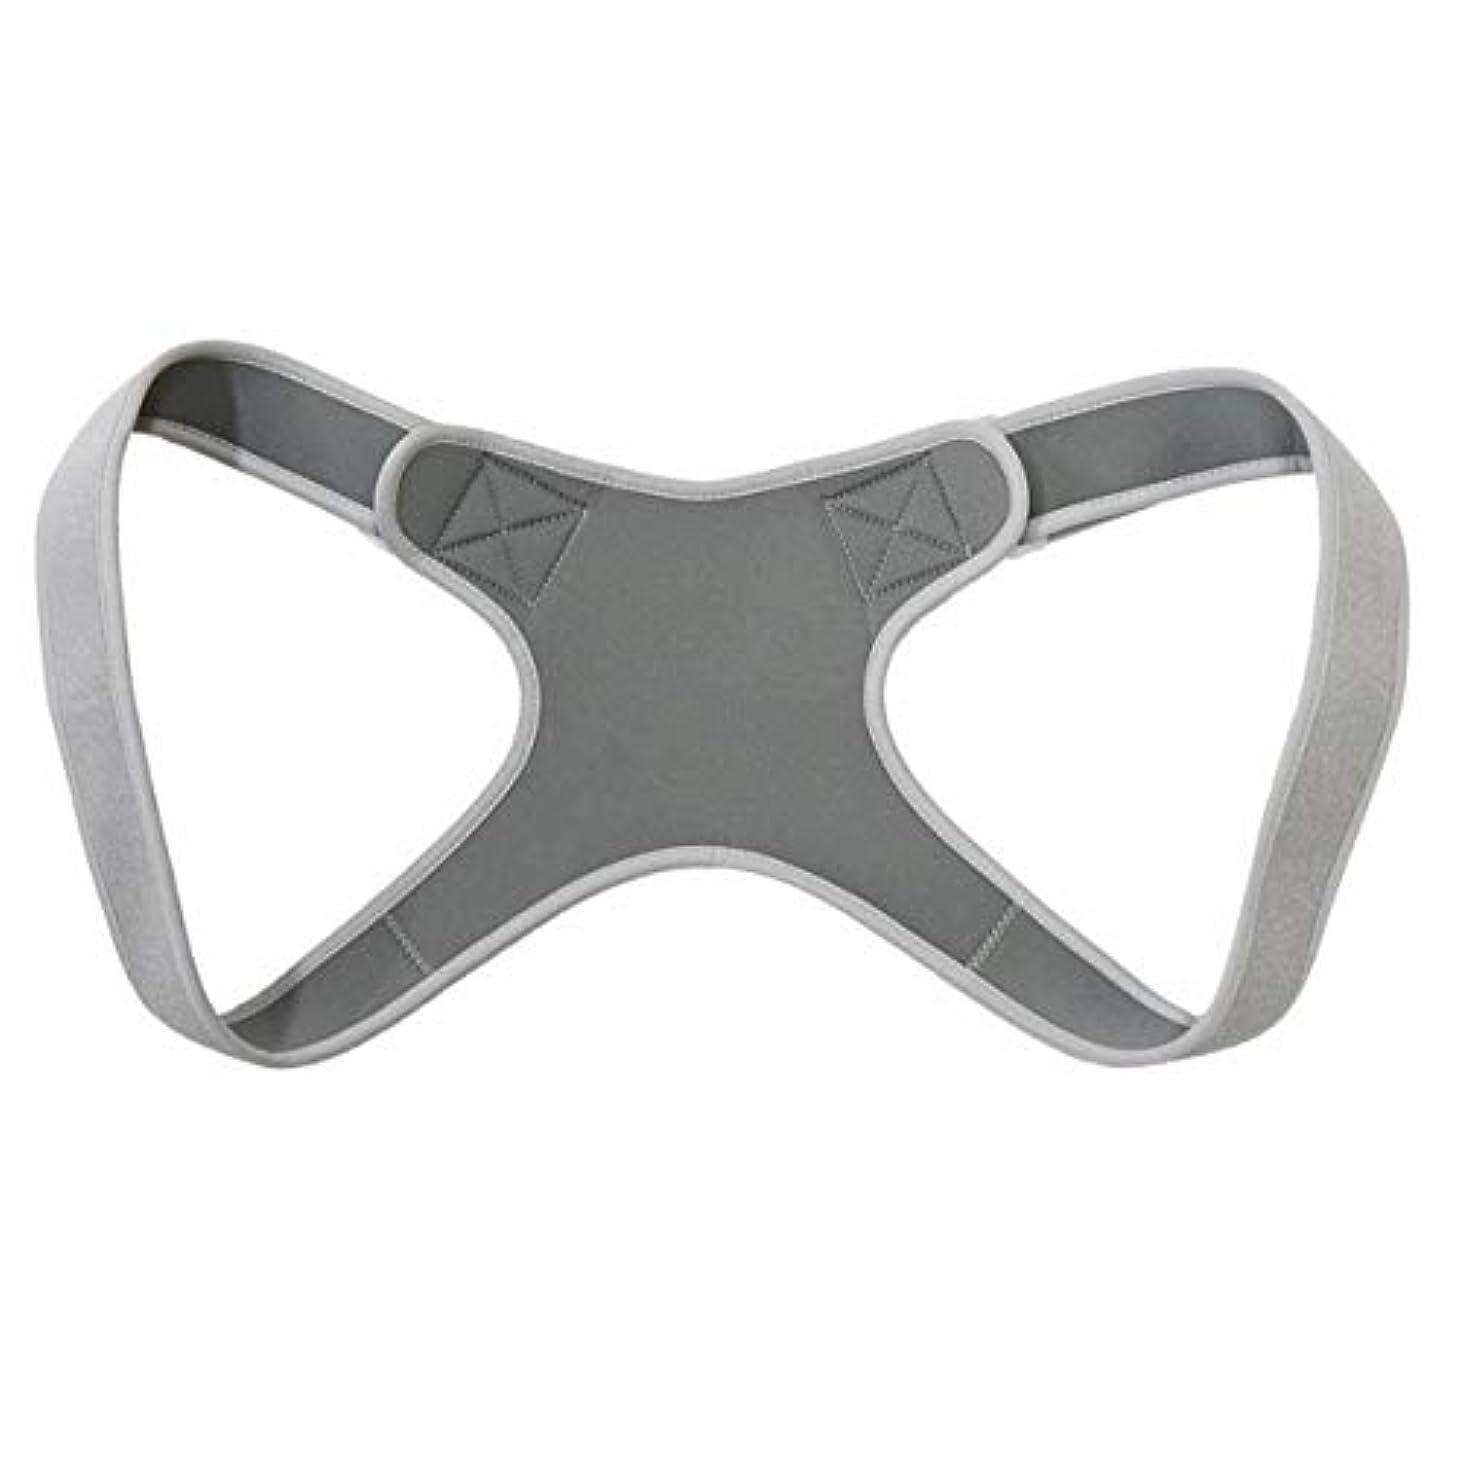 理想的正しい結晶アルミフォームブレーススプリントトリガーフィンガースプリントマレットフィンガー/捻挫/骨折/痛みの軽減/フィンガーナックル固定 - シルバー&グリーンS